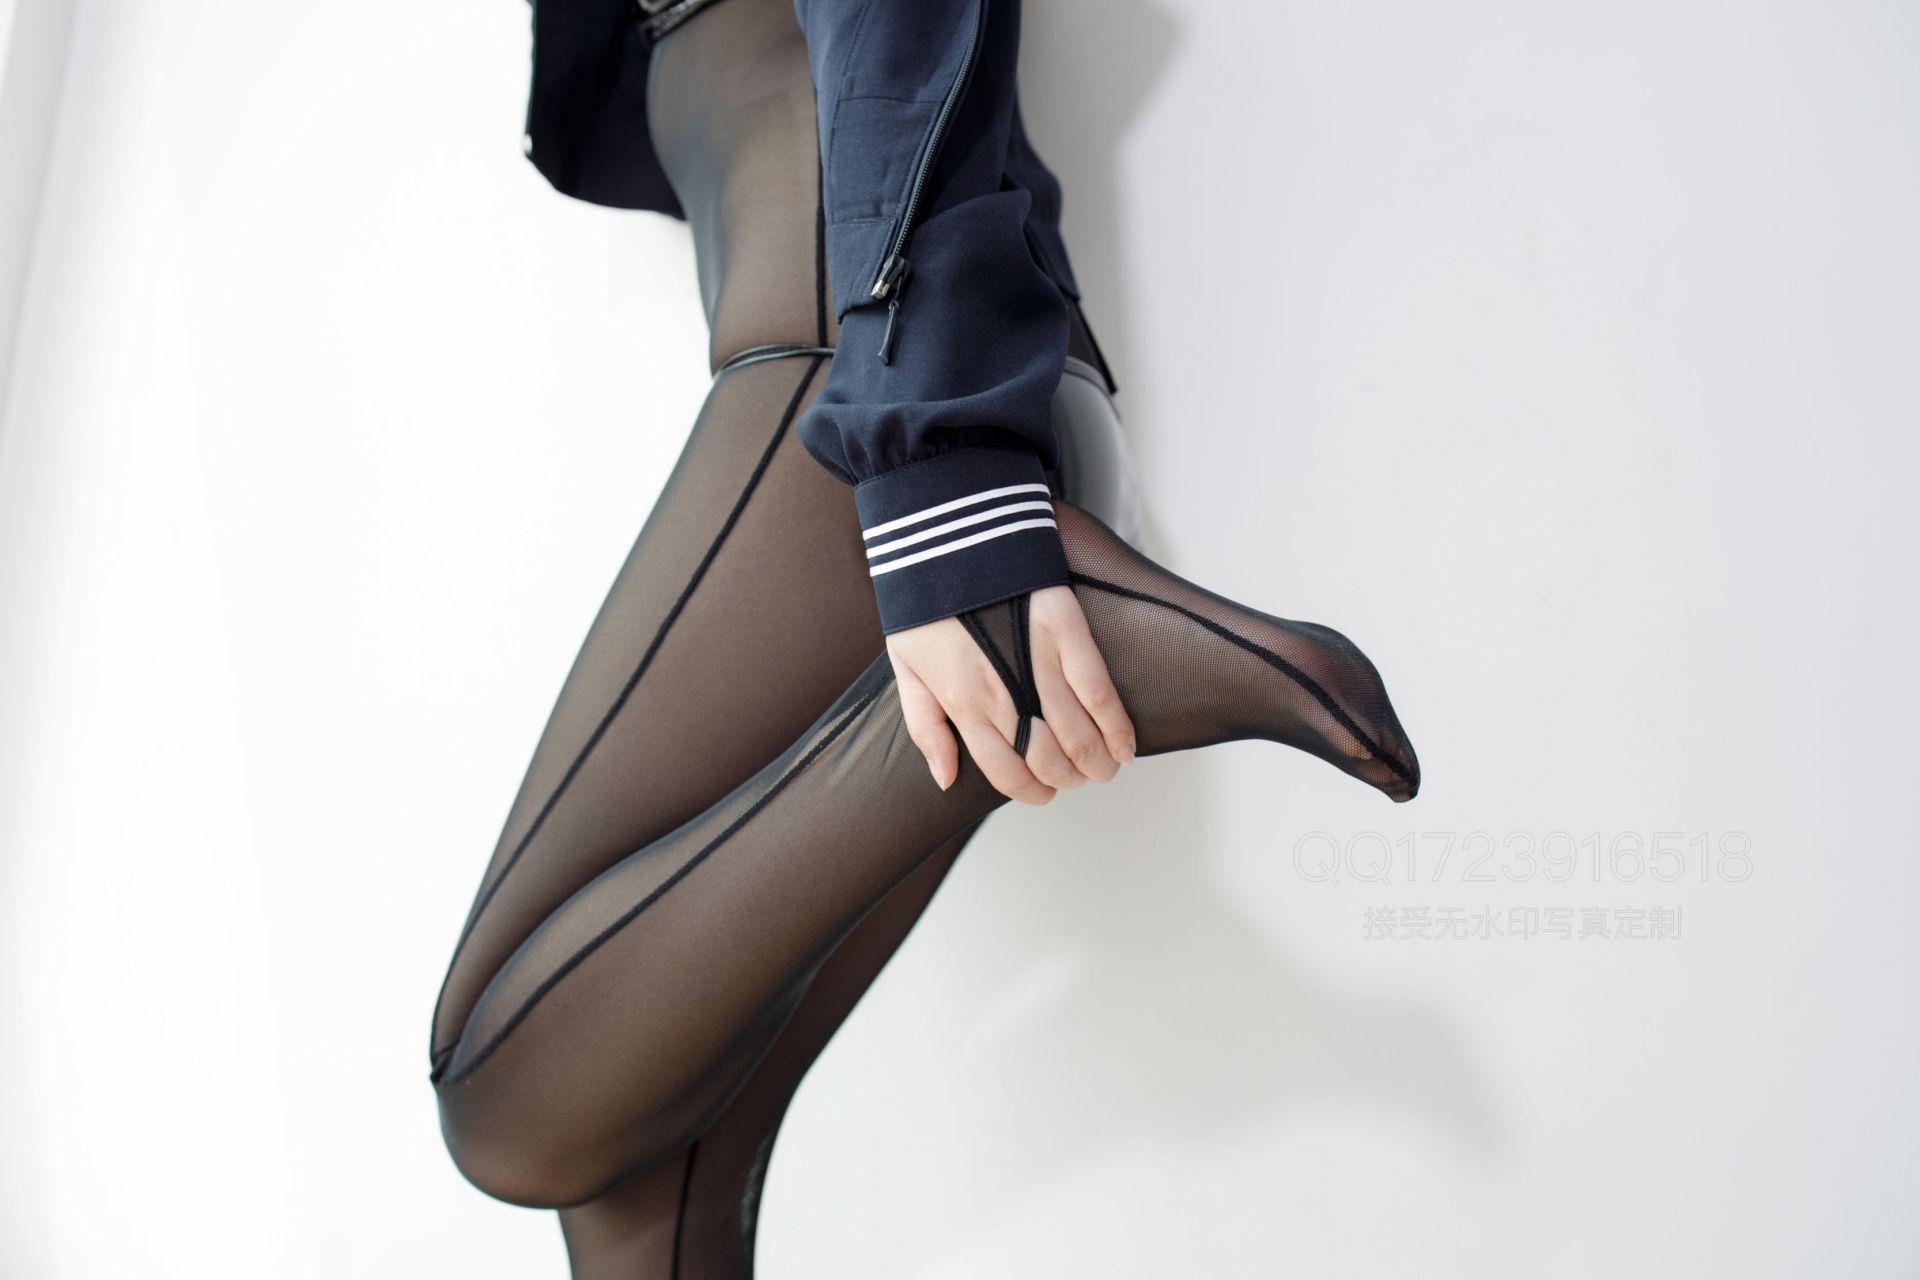 【森萝财团】森萝财团写真 - WTMSB-003 黑丝连体袜 [113P-1V-2.73GB] WTMSB系列 第5张